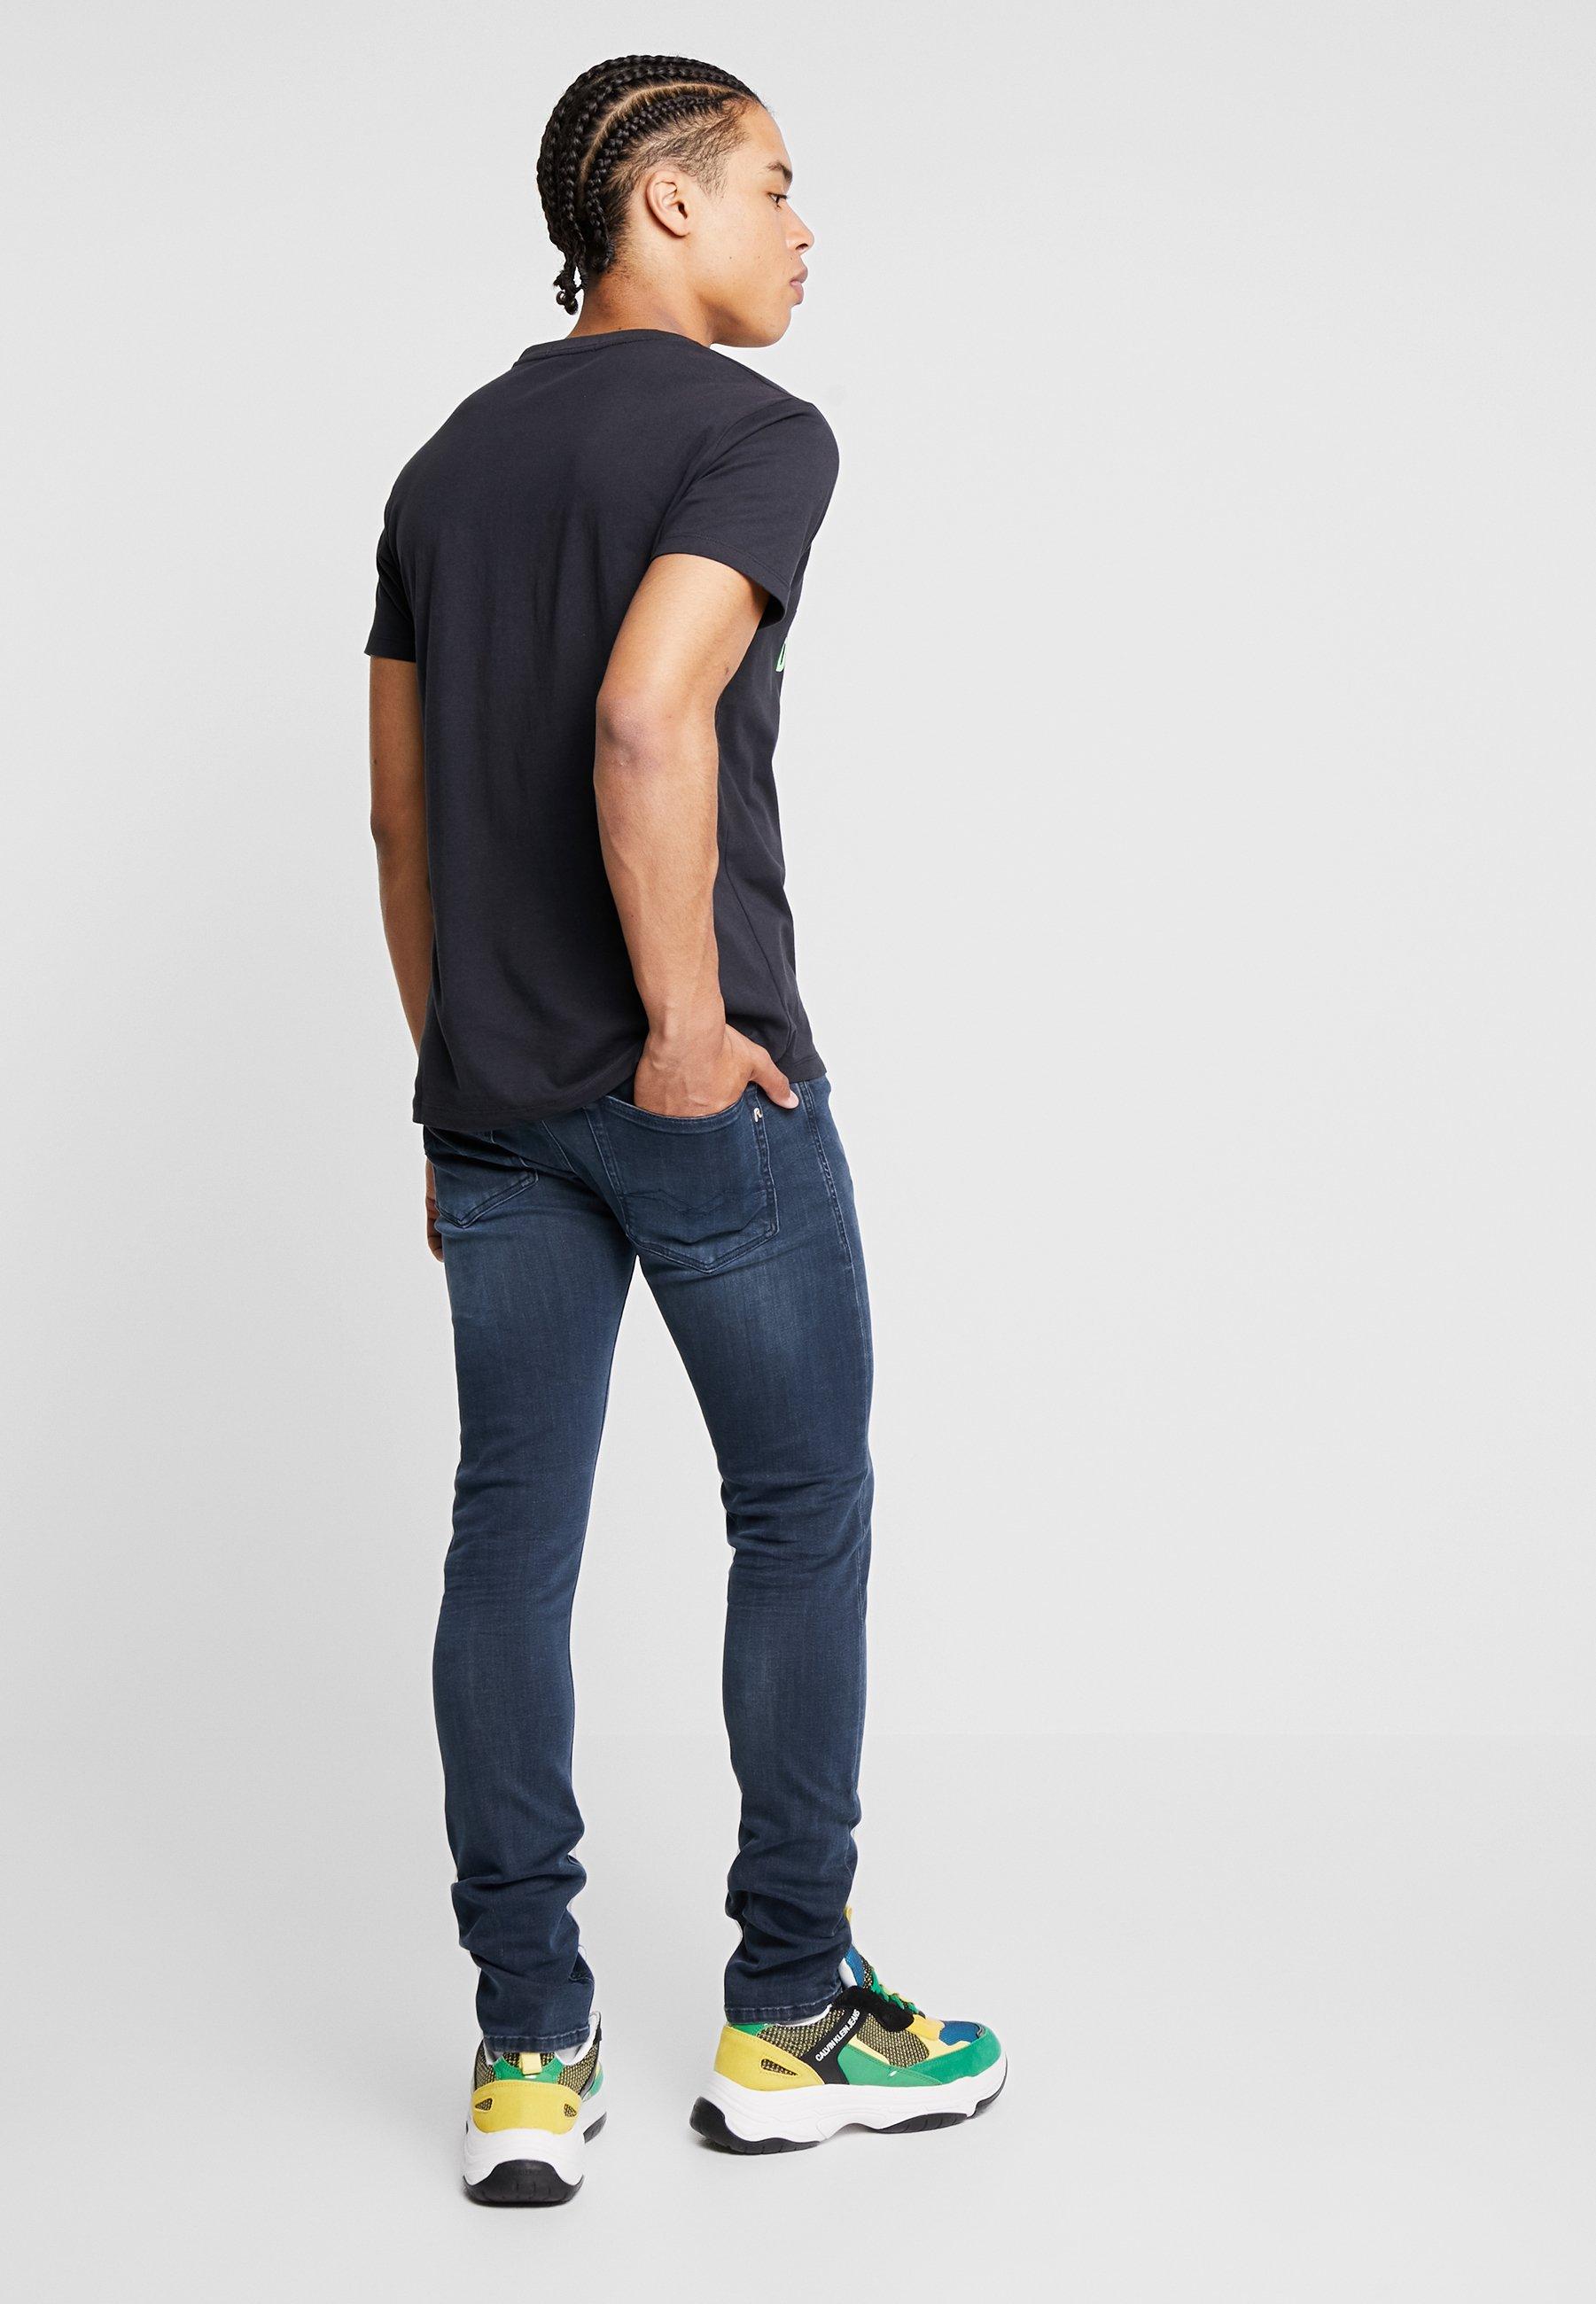 Blue Skinny Replay JondrillJeans Medium Blue JondrillJeans Replay JondrillJeans Replay Skinny Medium FKT3uJ5l1c